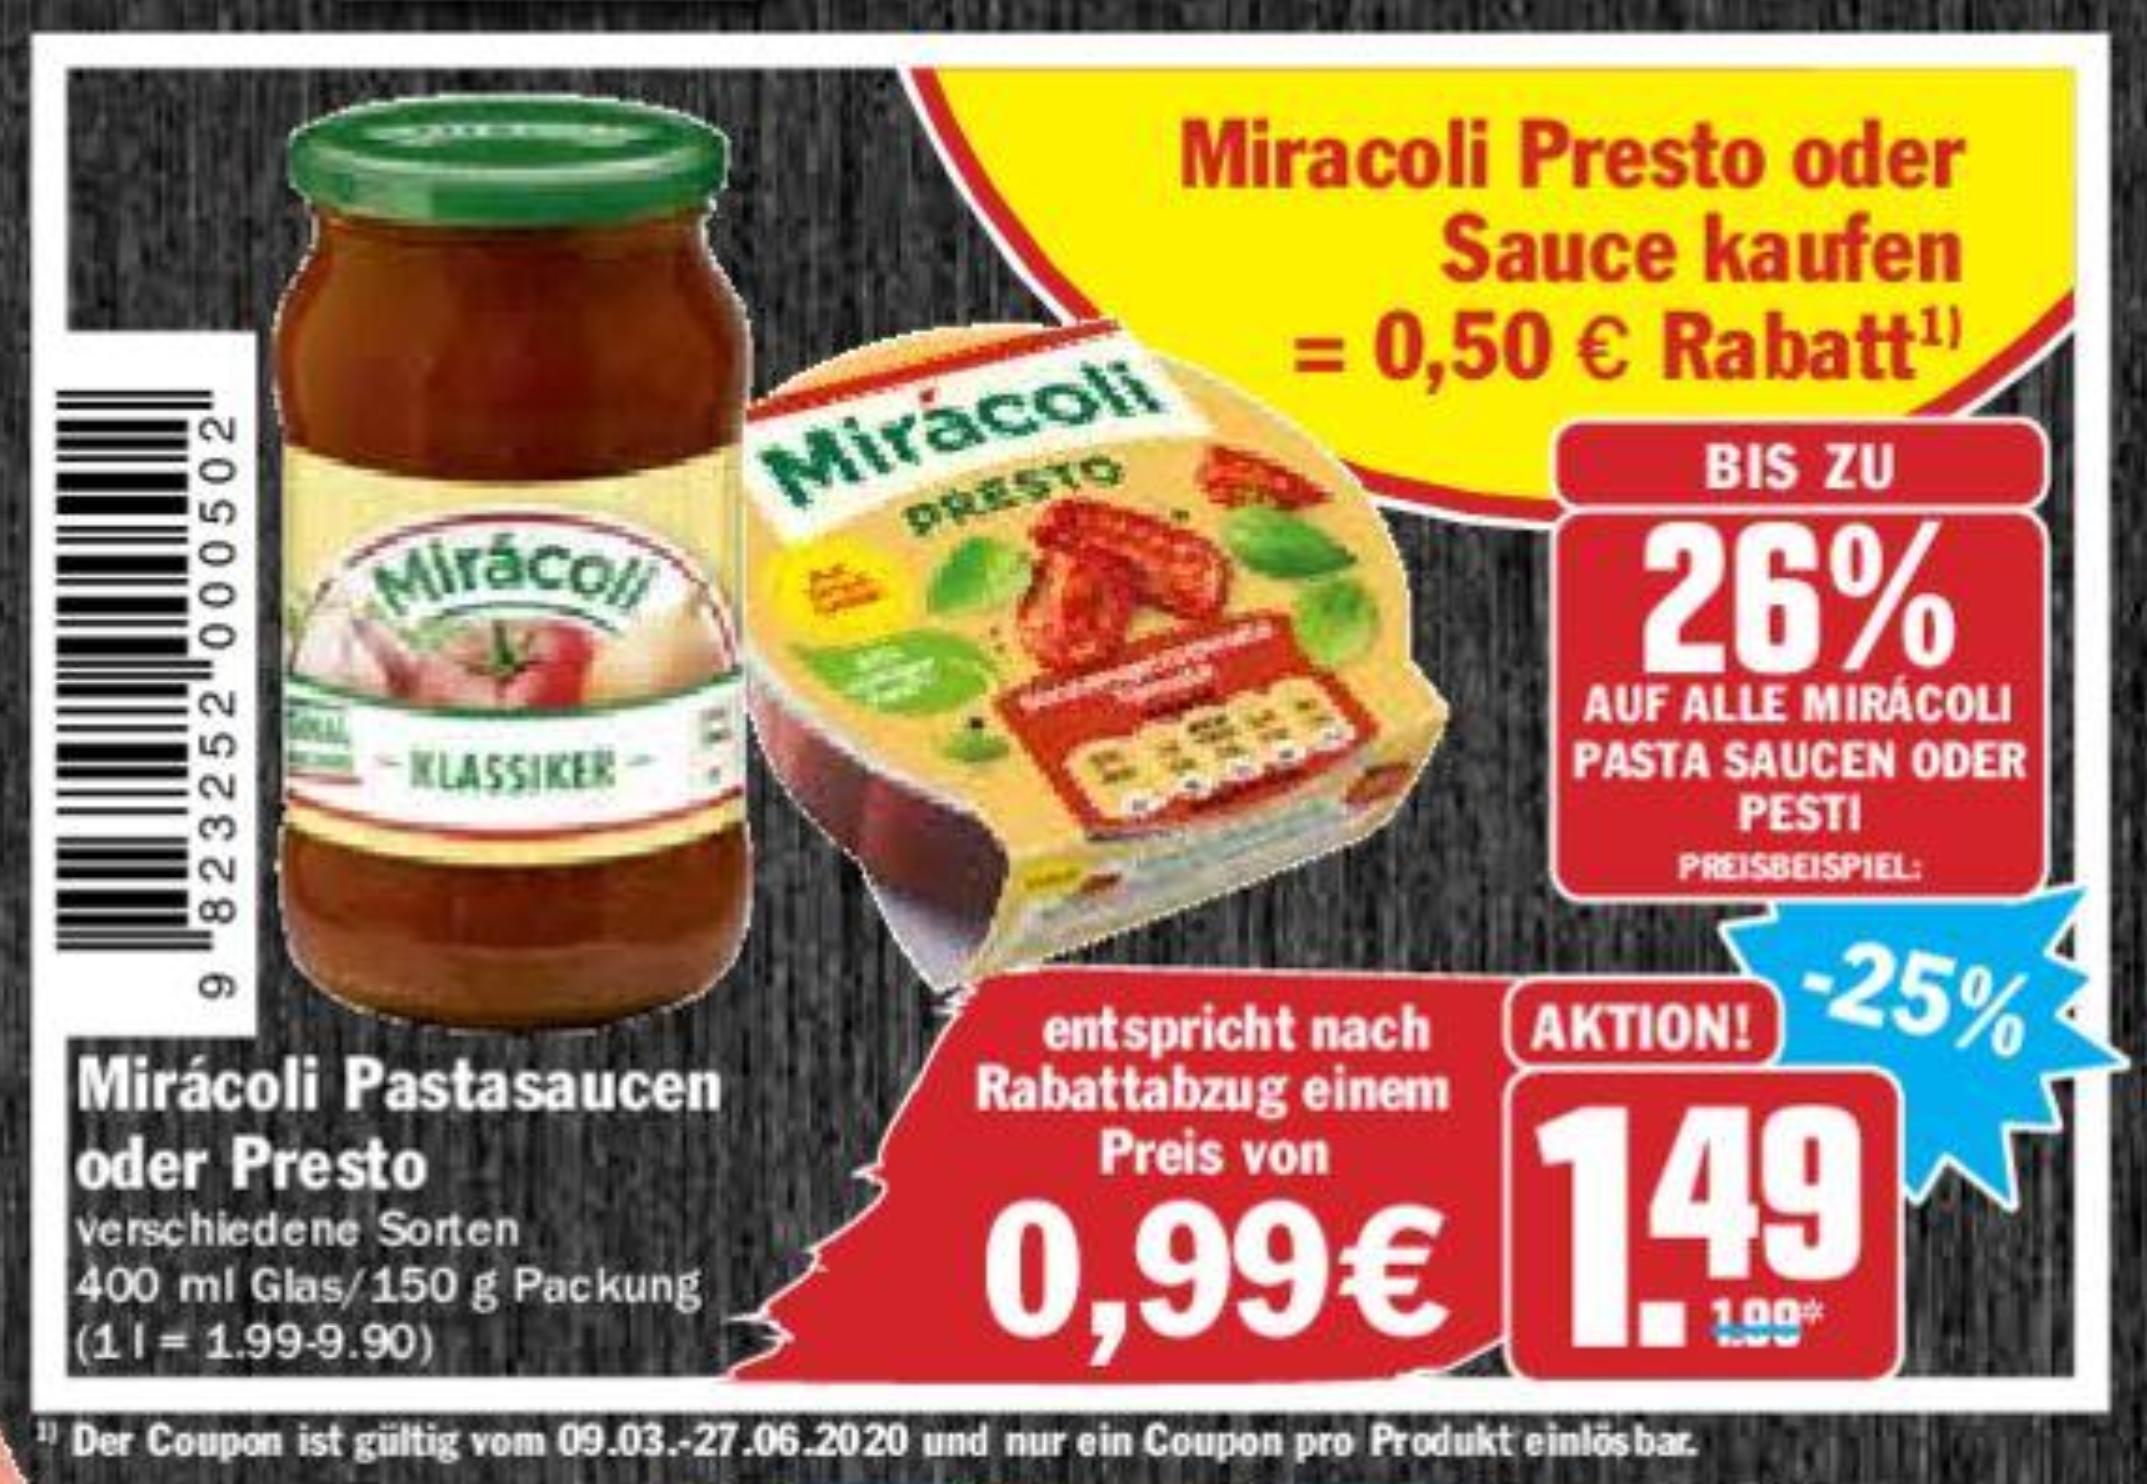 0,50€ Rabatt Coupon für Miracoli Presto Saucen bis 27.06.2020 zum Ausdrucken oder vorzeigen am Smartphone